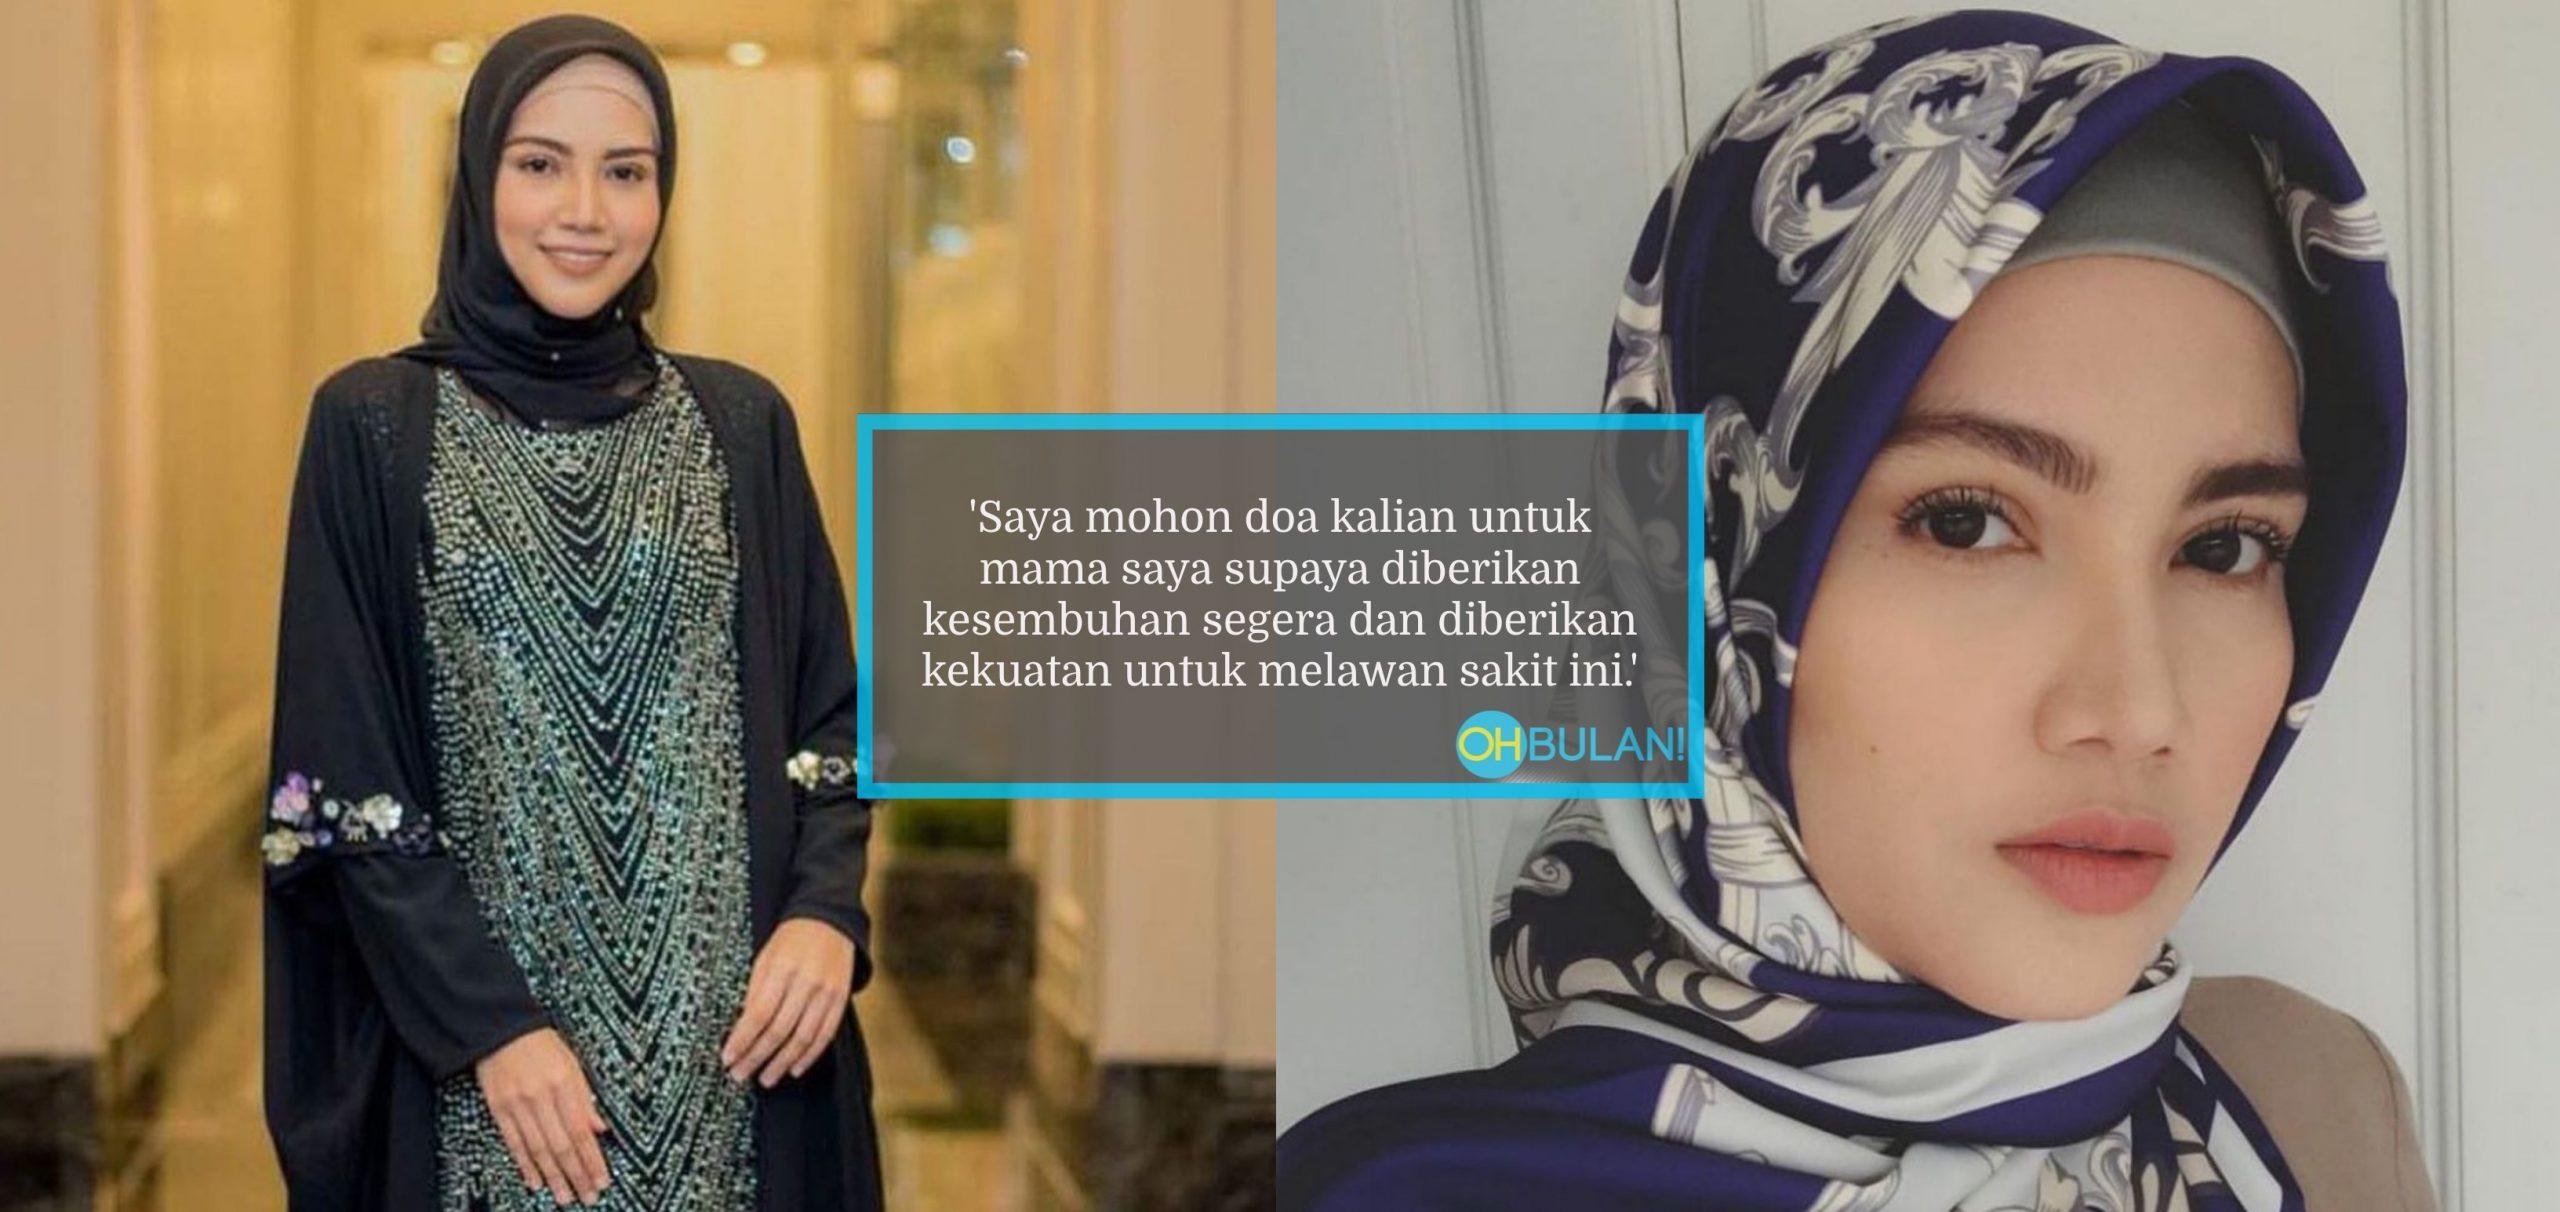 'Saya Mohon Kalian Doa Untuk Mama Saya' – Ibu Elyana Positif Covid-19